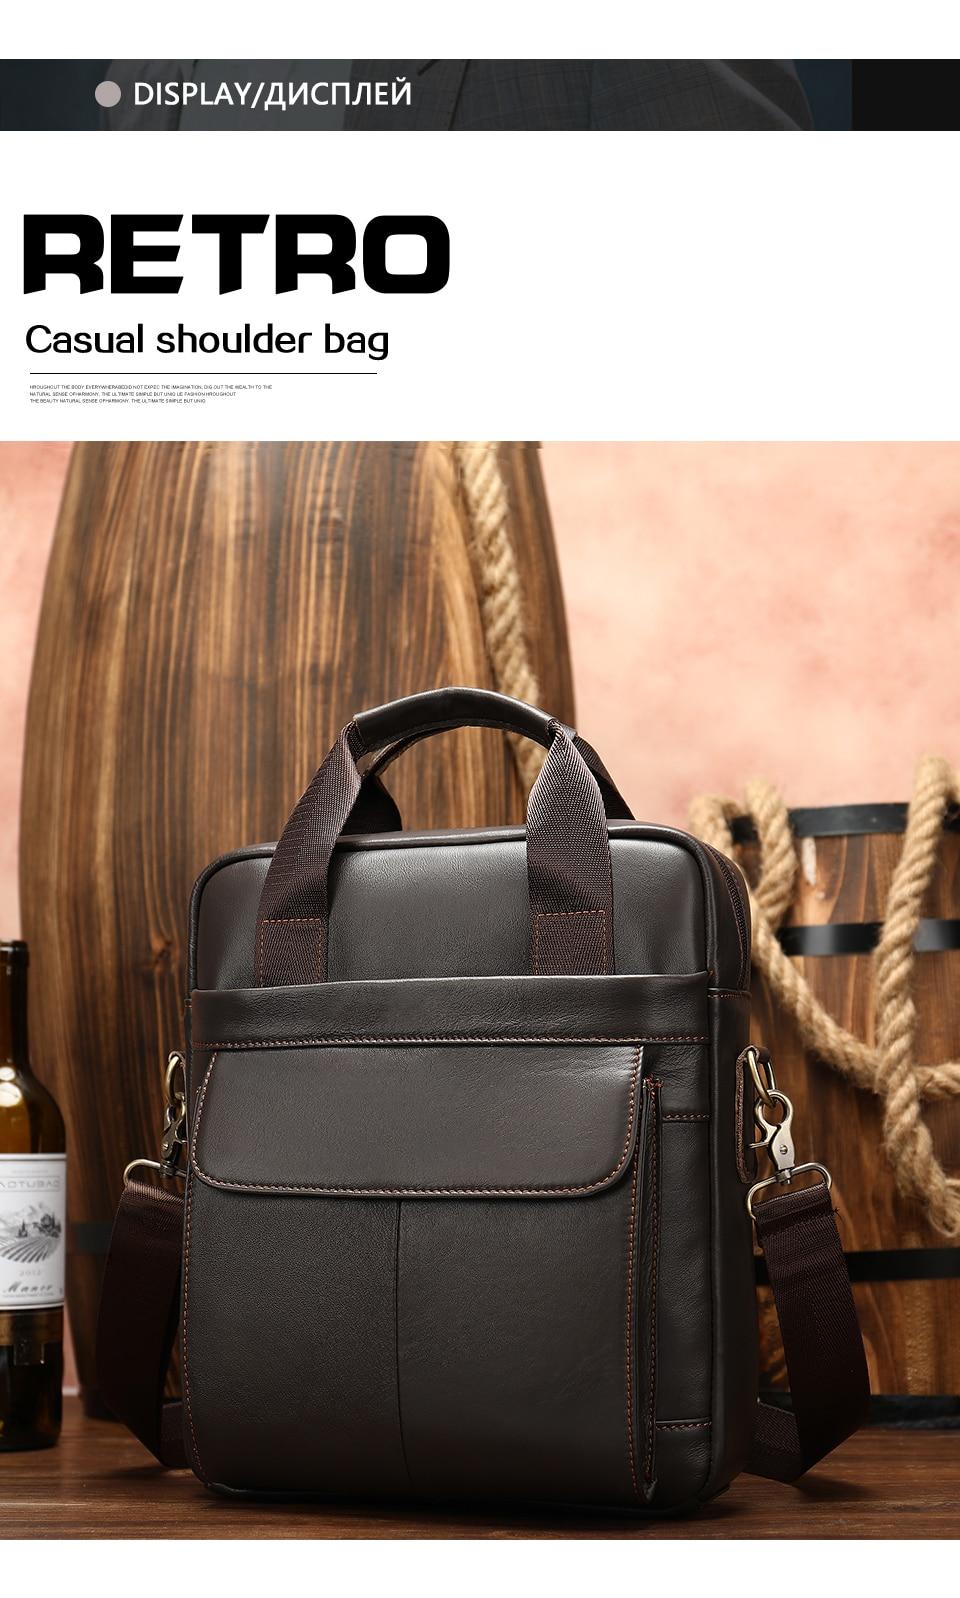 HTB1GZWYbRCw3KVjSZFlq6AJkFXae MVA genuine leather men's bag messenger bag men leather crossbody bags for men handbag business men's laptop/shoulder bag 8568